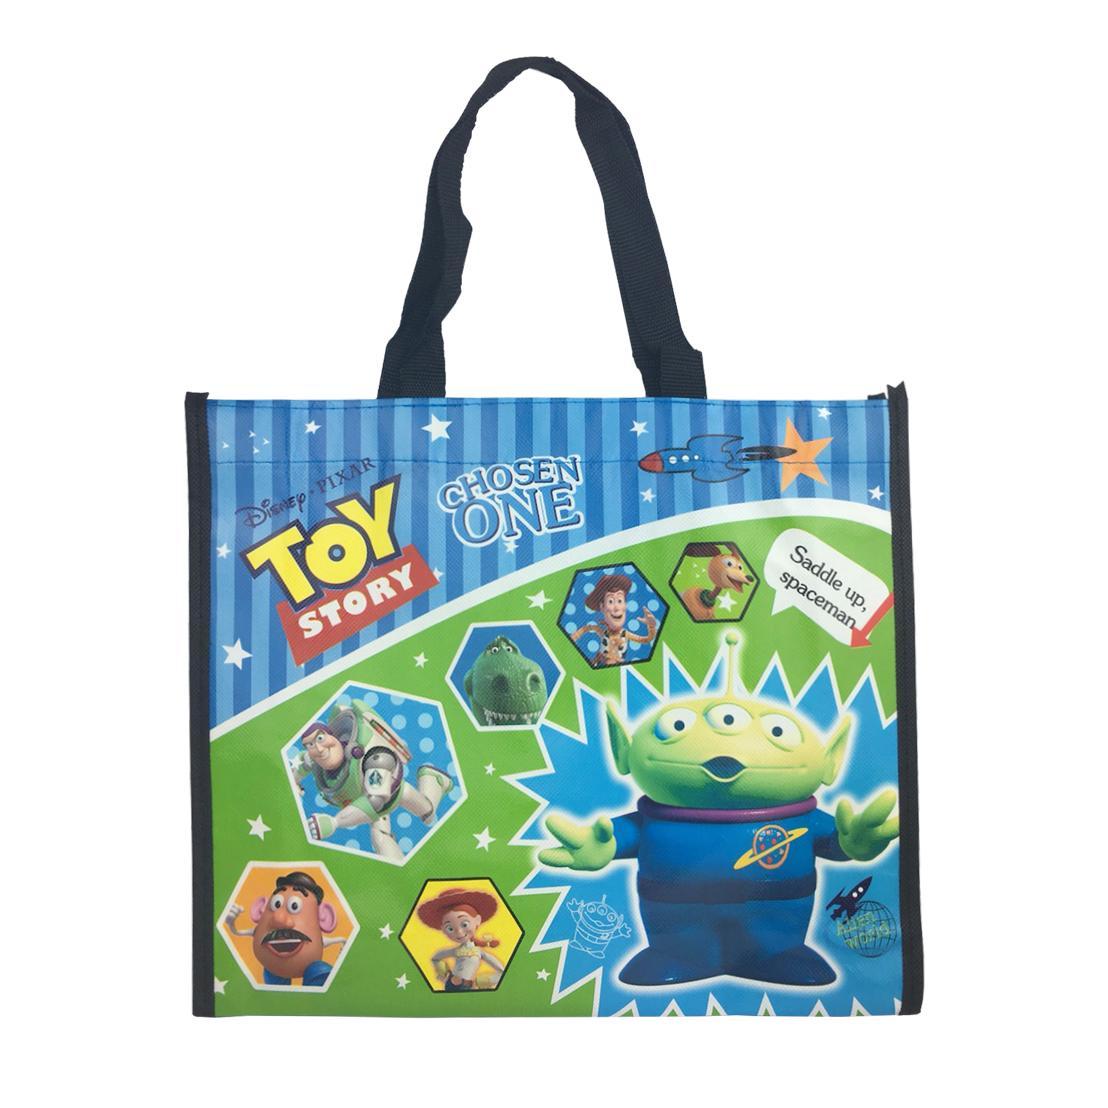 迪士尼 皮克斯 三眼怪 玩具總動員 TOY STORY 購物袋 收納袋 環保袋 袋子 005707